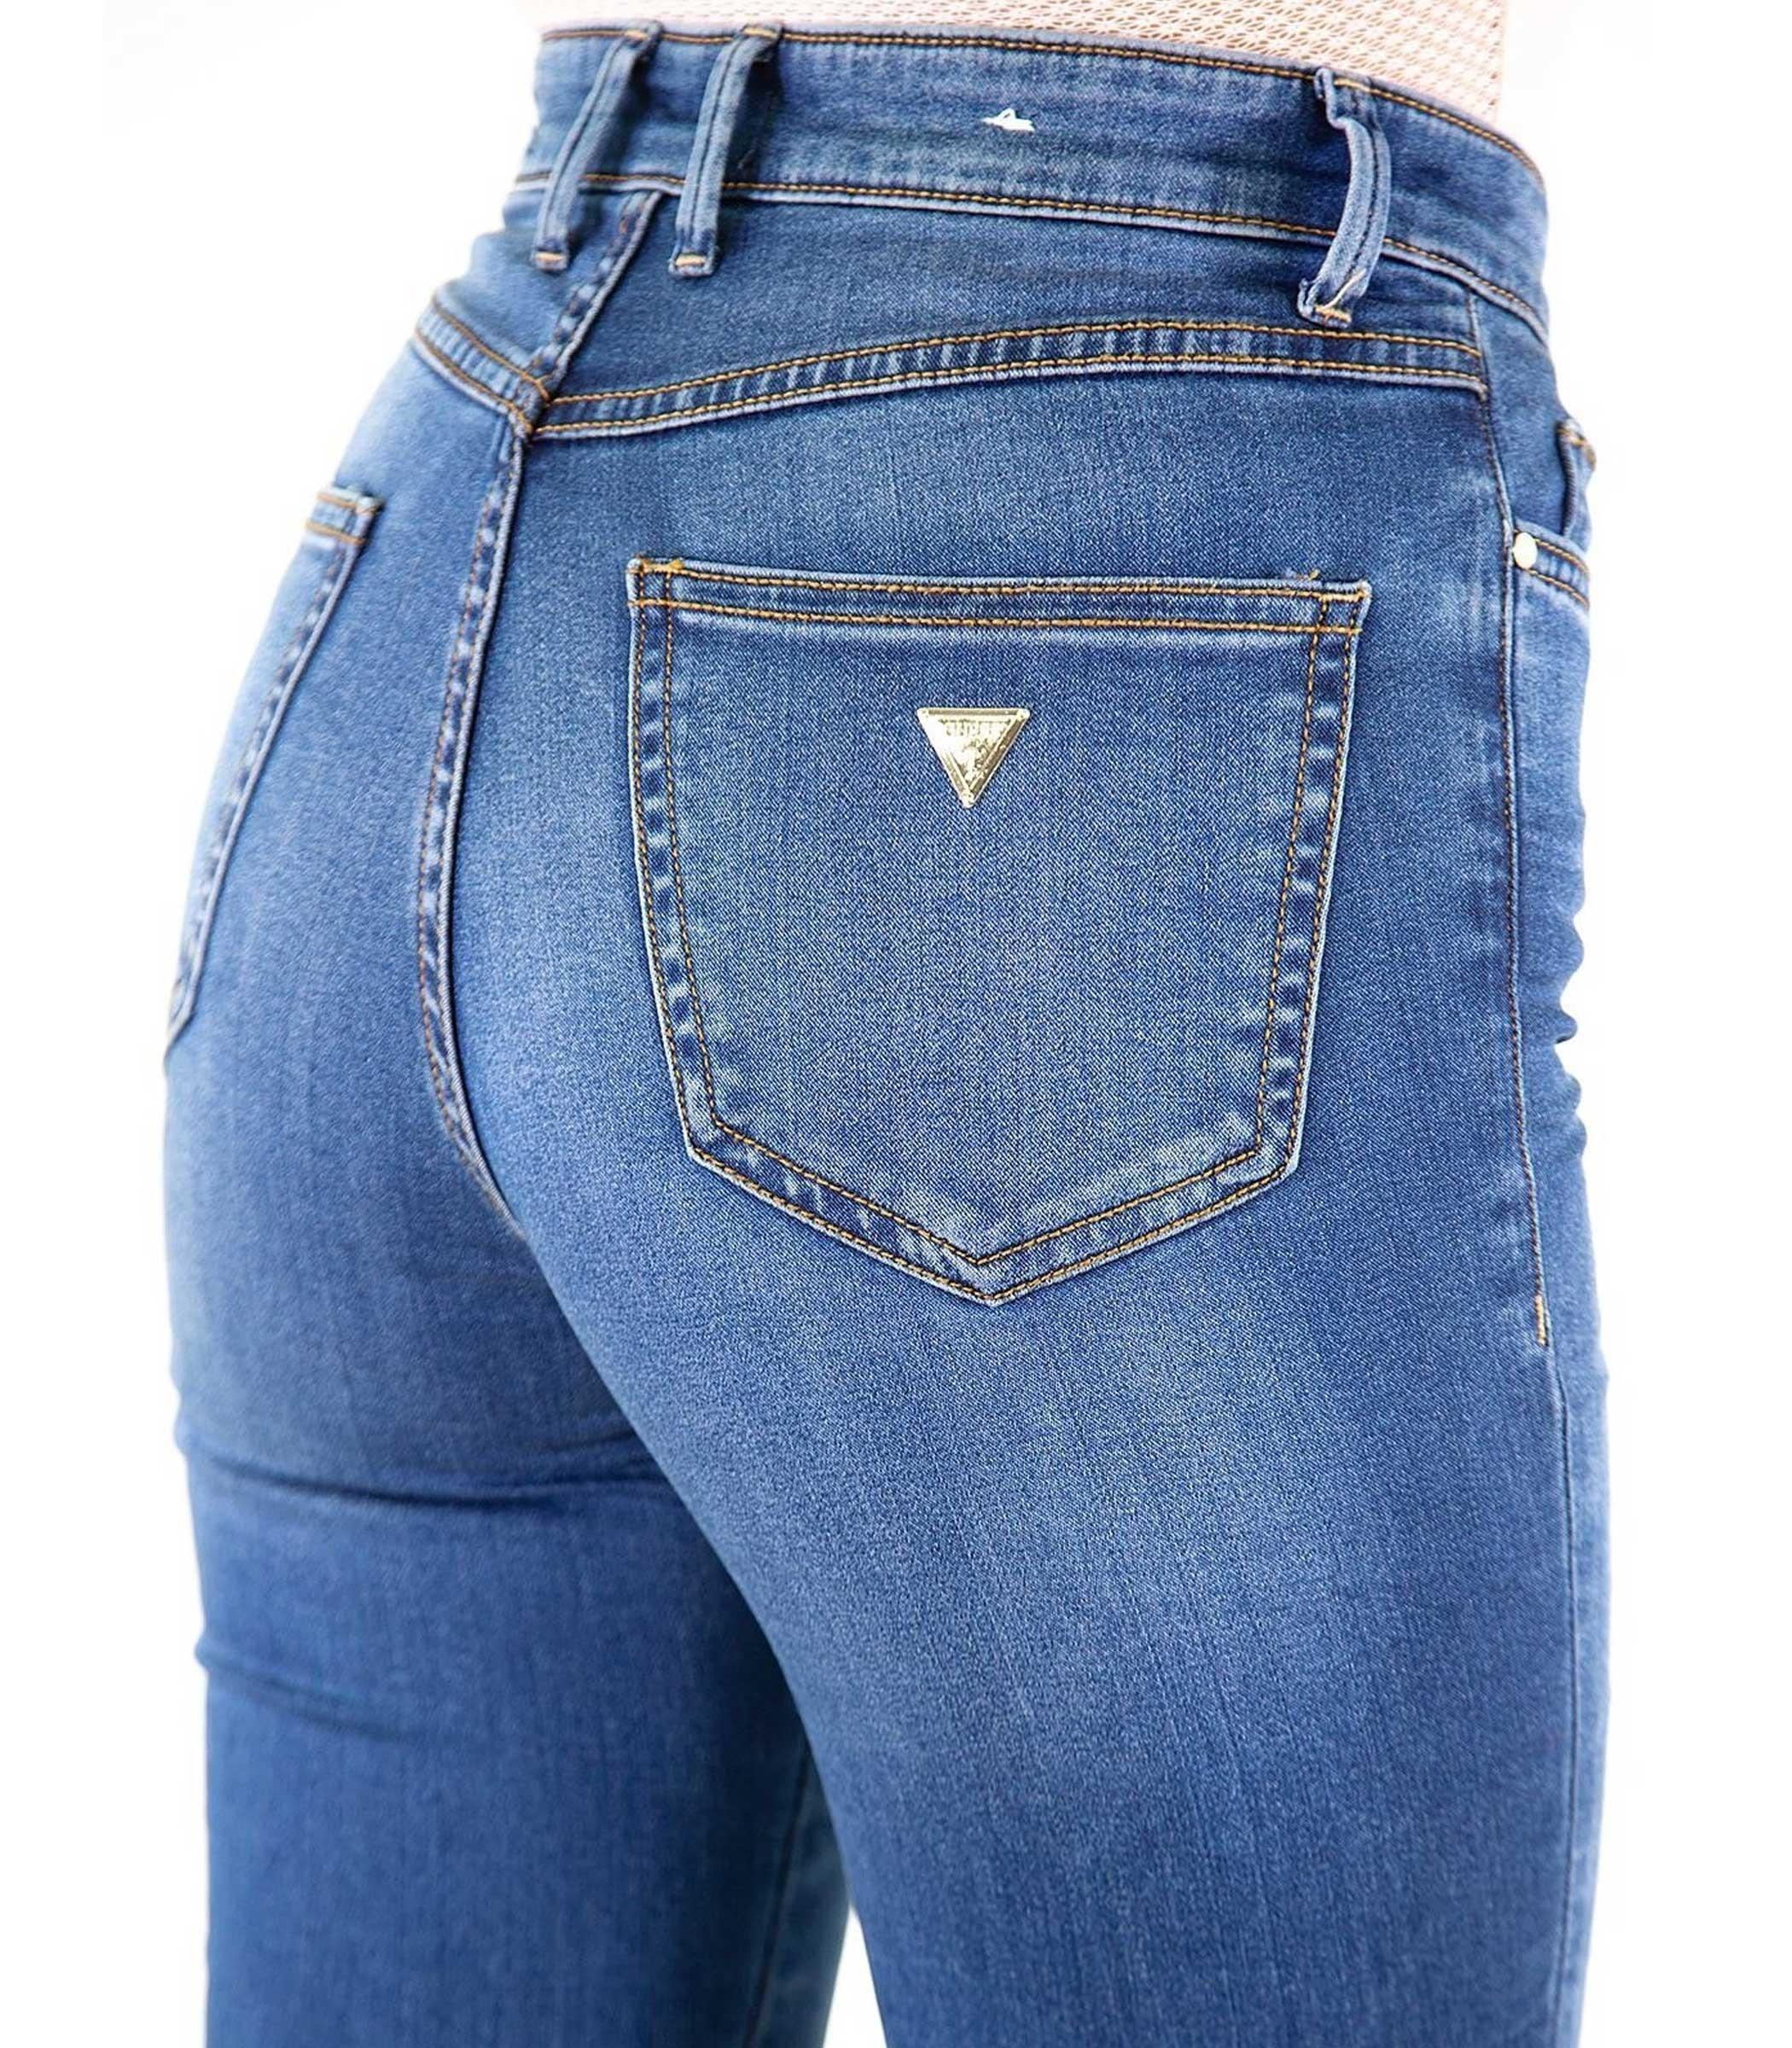 new style fd2e5 b31f7 Jeans Guess 1981 originale vita alta da donna rif. W83A46D38N0